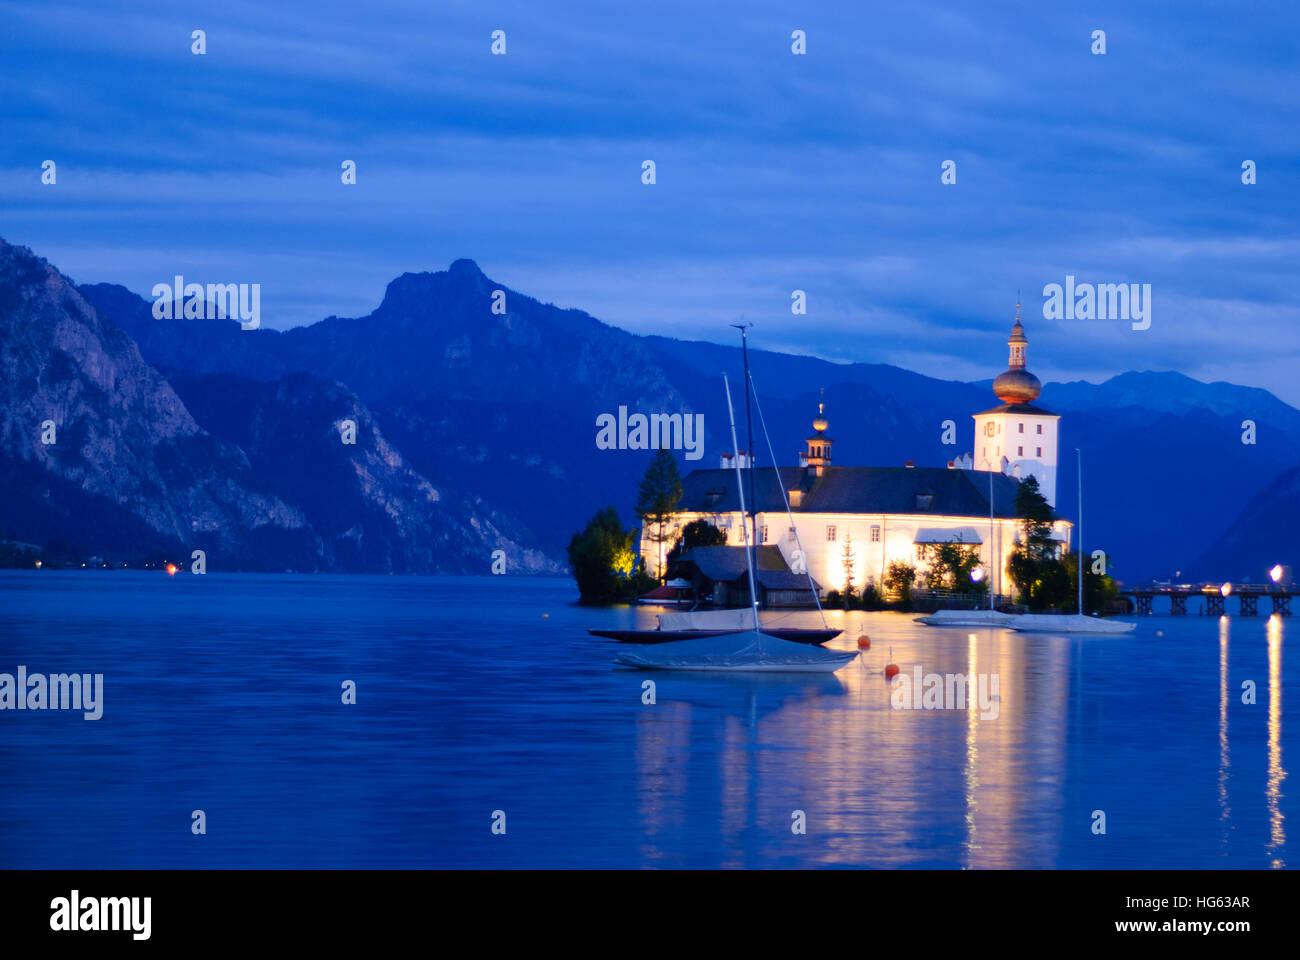 Gmunden: lake Traunsee, lake-castle Ort, Salzkammergut, Oberösterreich, Upper Austria, Austria - Stock Image